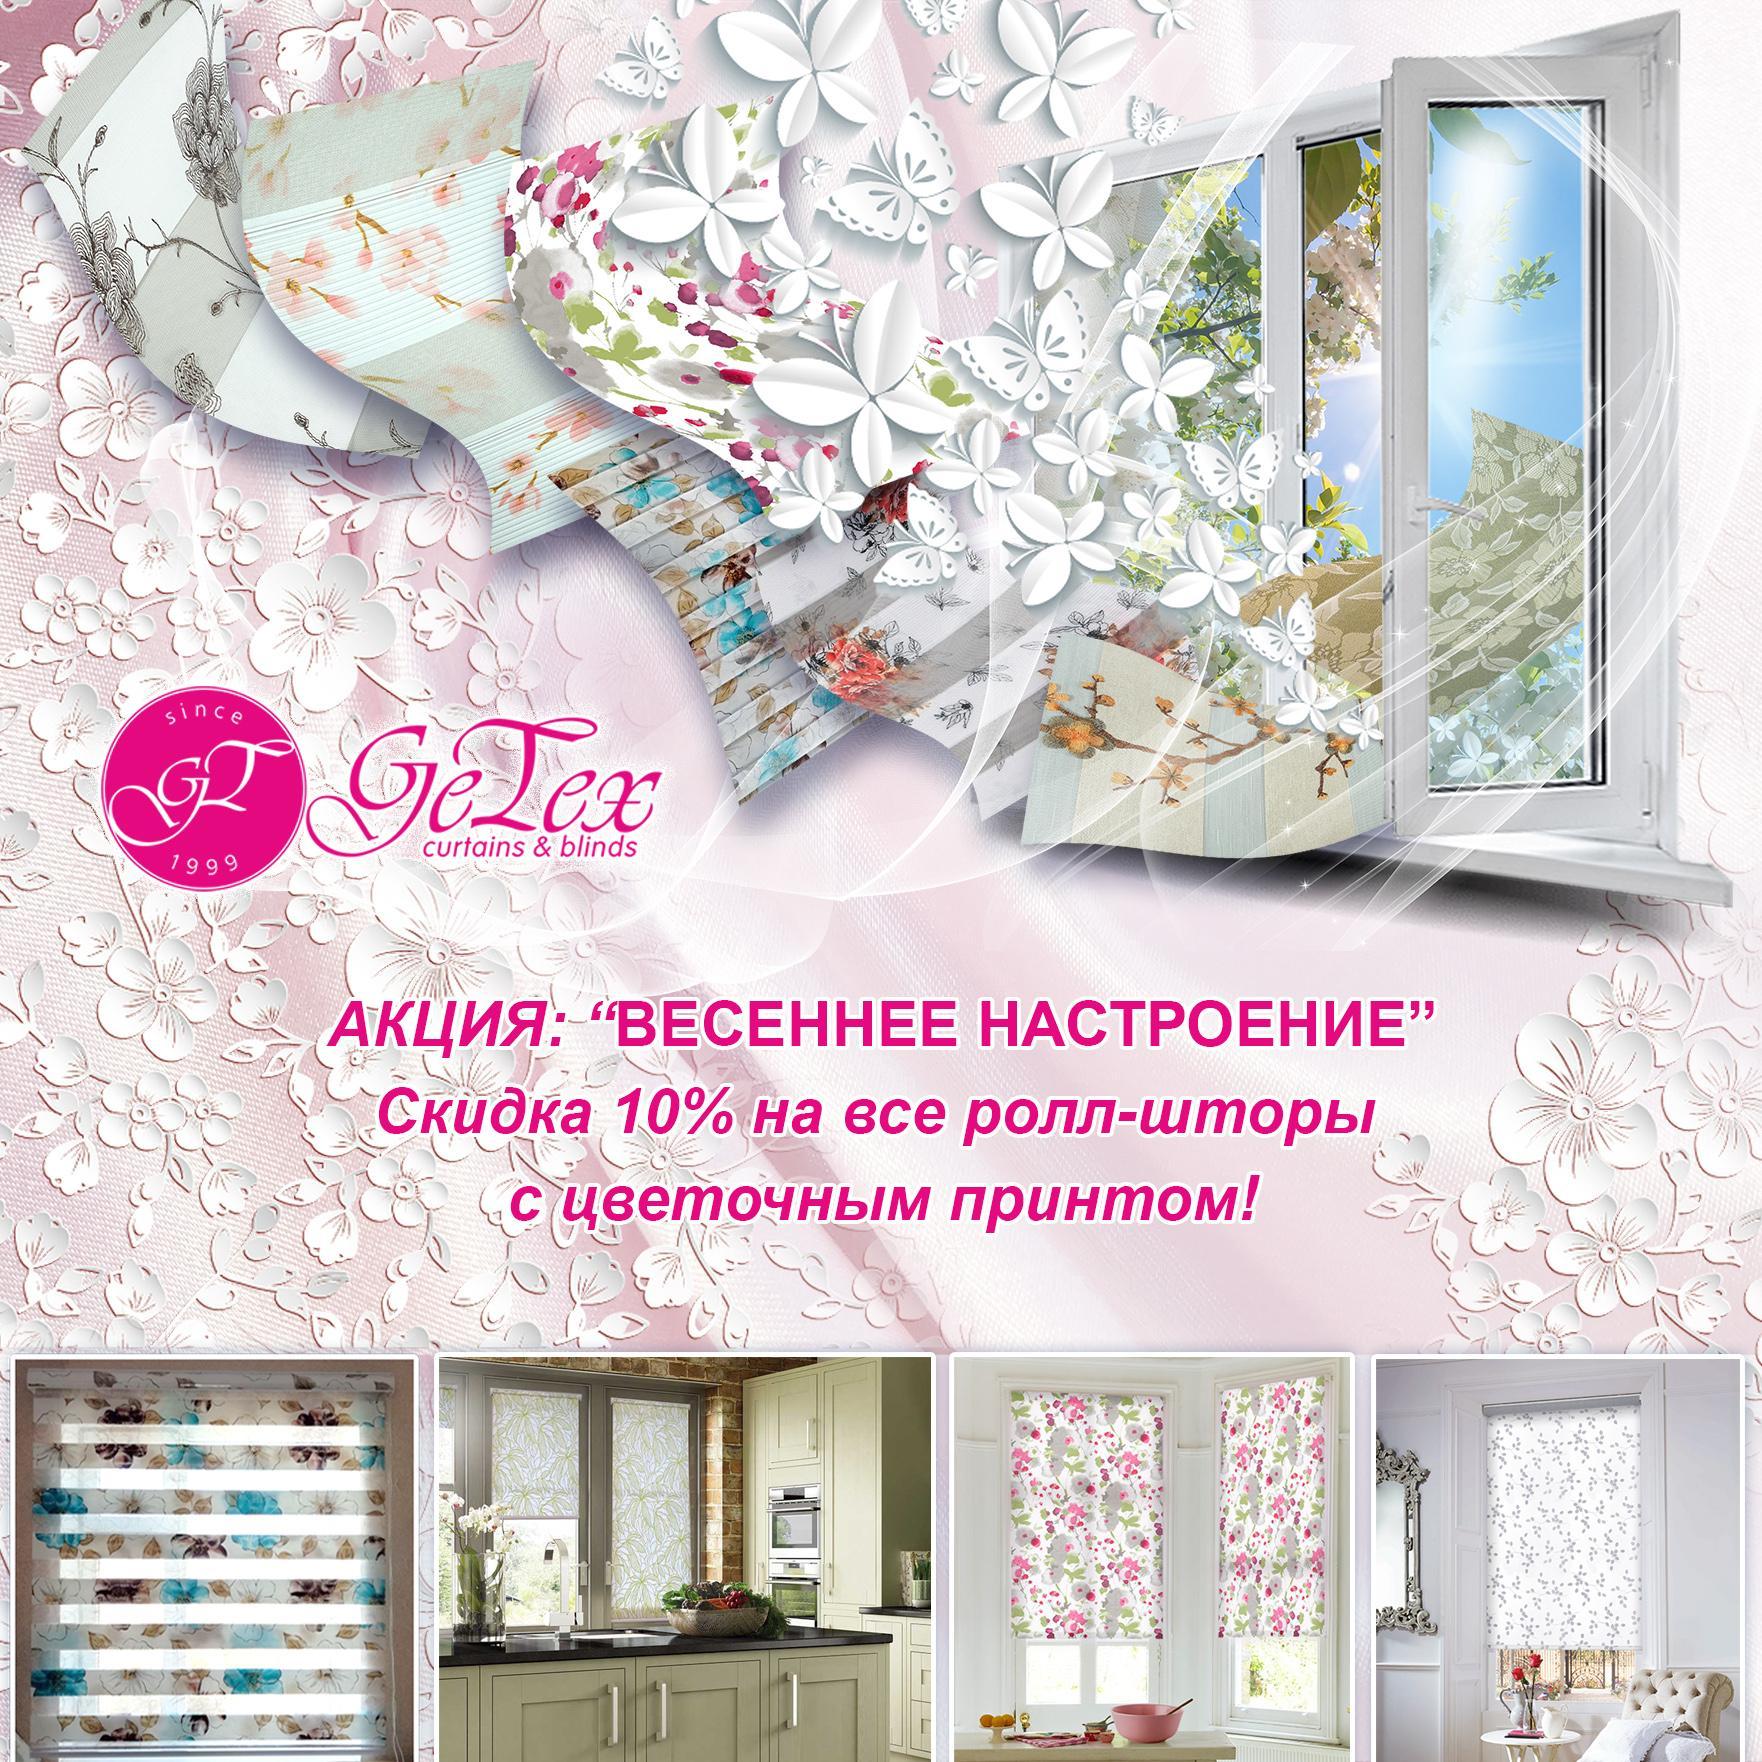 Ролл-шторы с цветочным рисунком